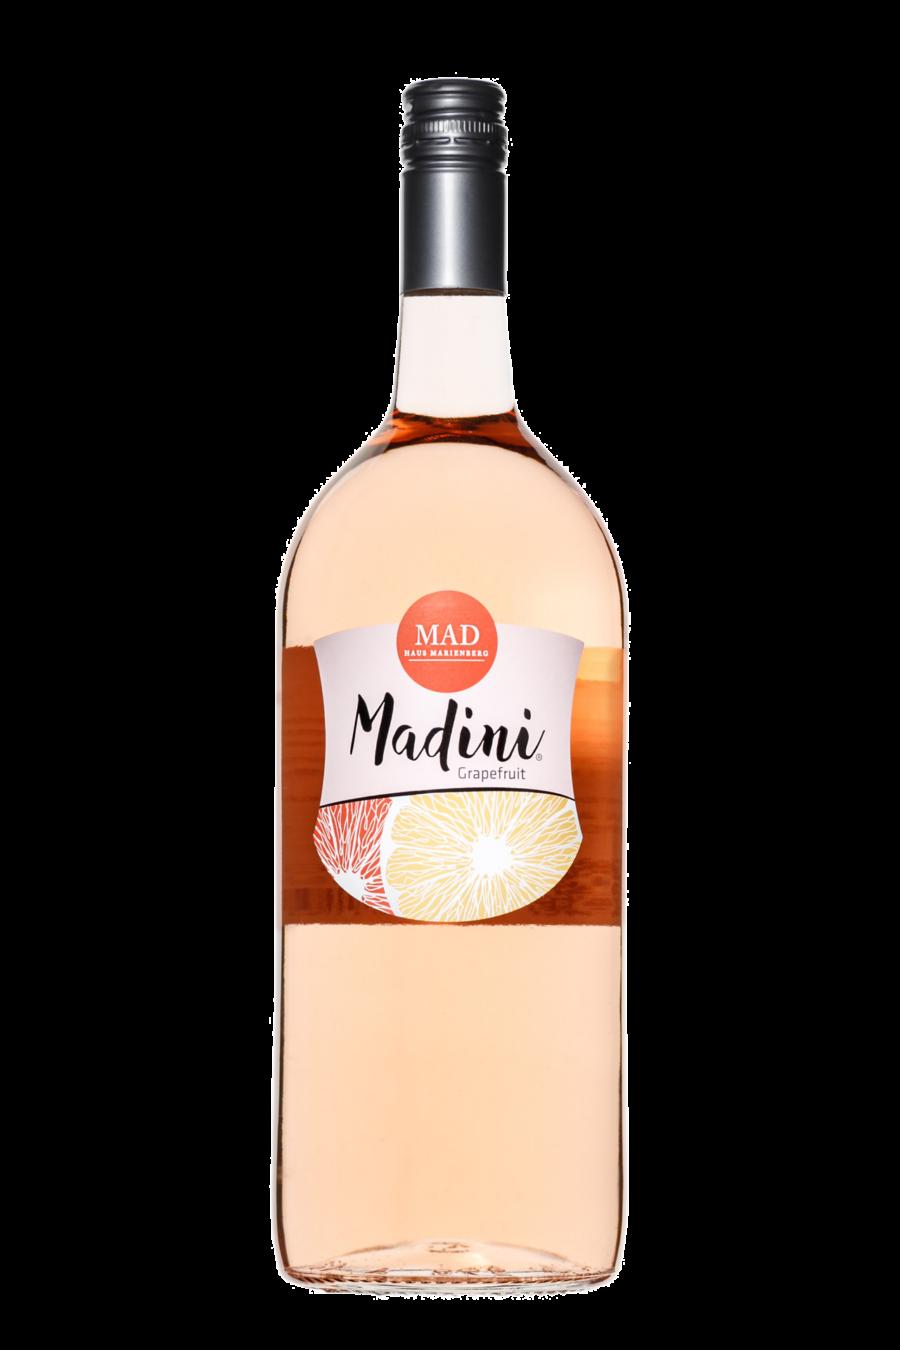 Madini Grapefruit Magnum